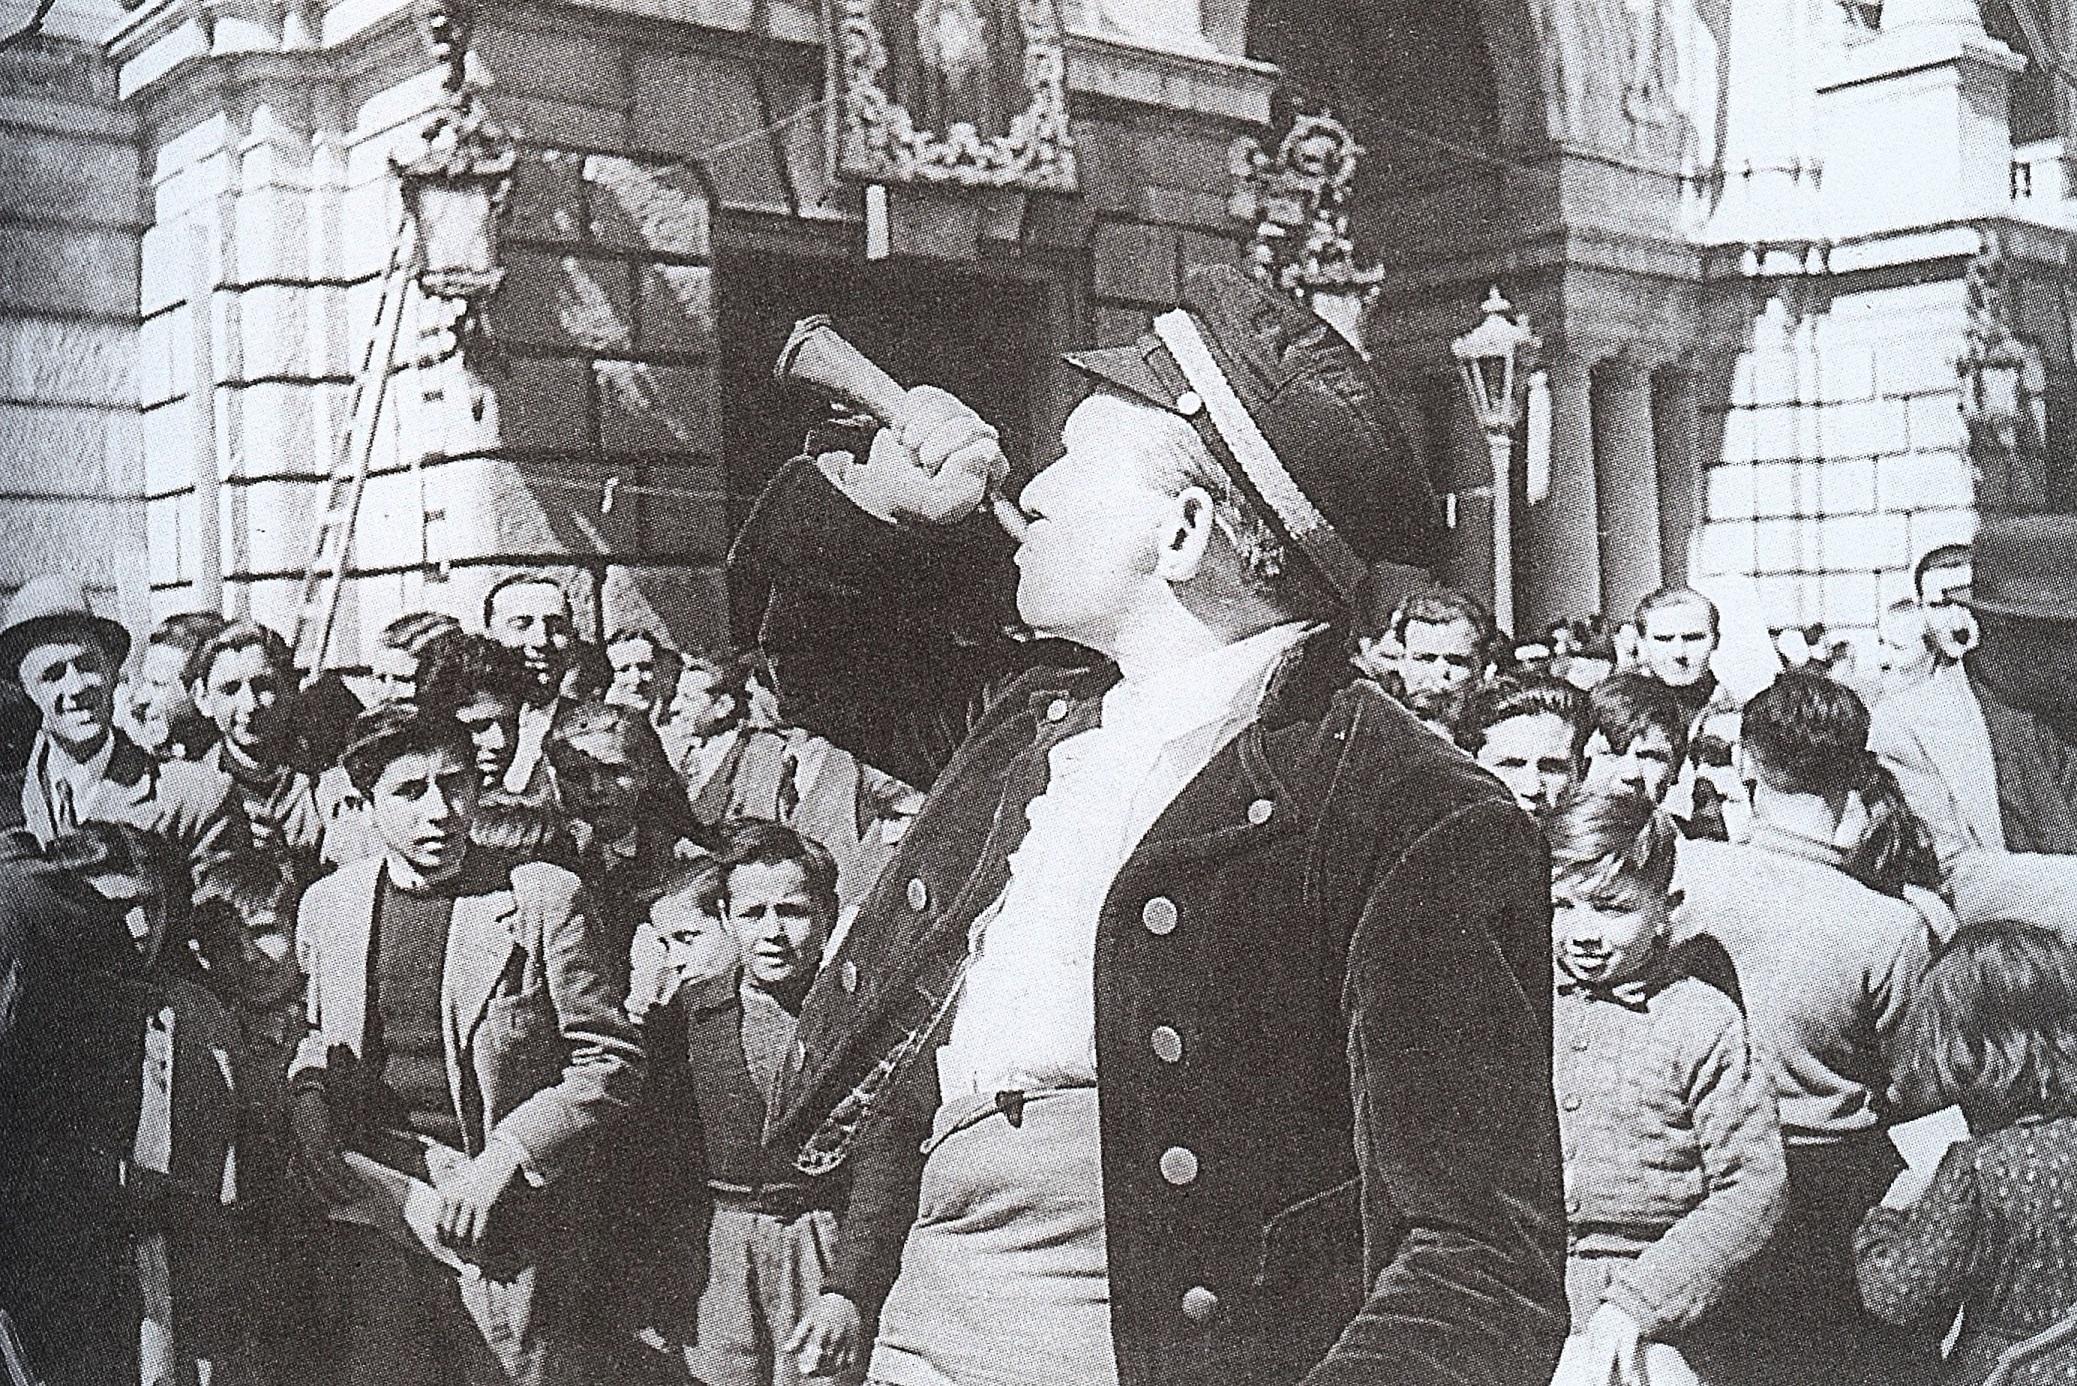 Foto del pregonero en la Cridà de 1944. Fuente: www.skyscrapercity.com (Remember Valencia)